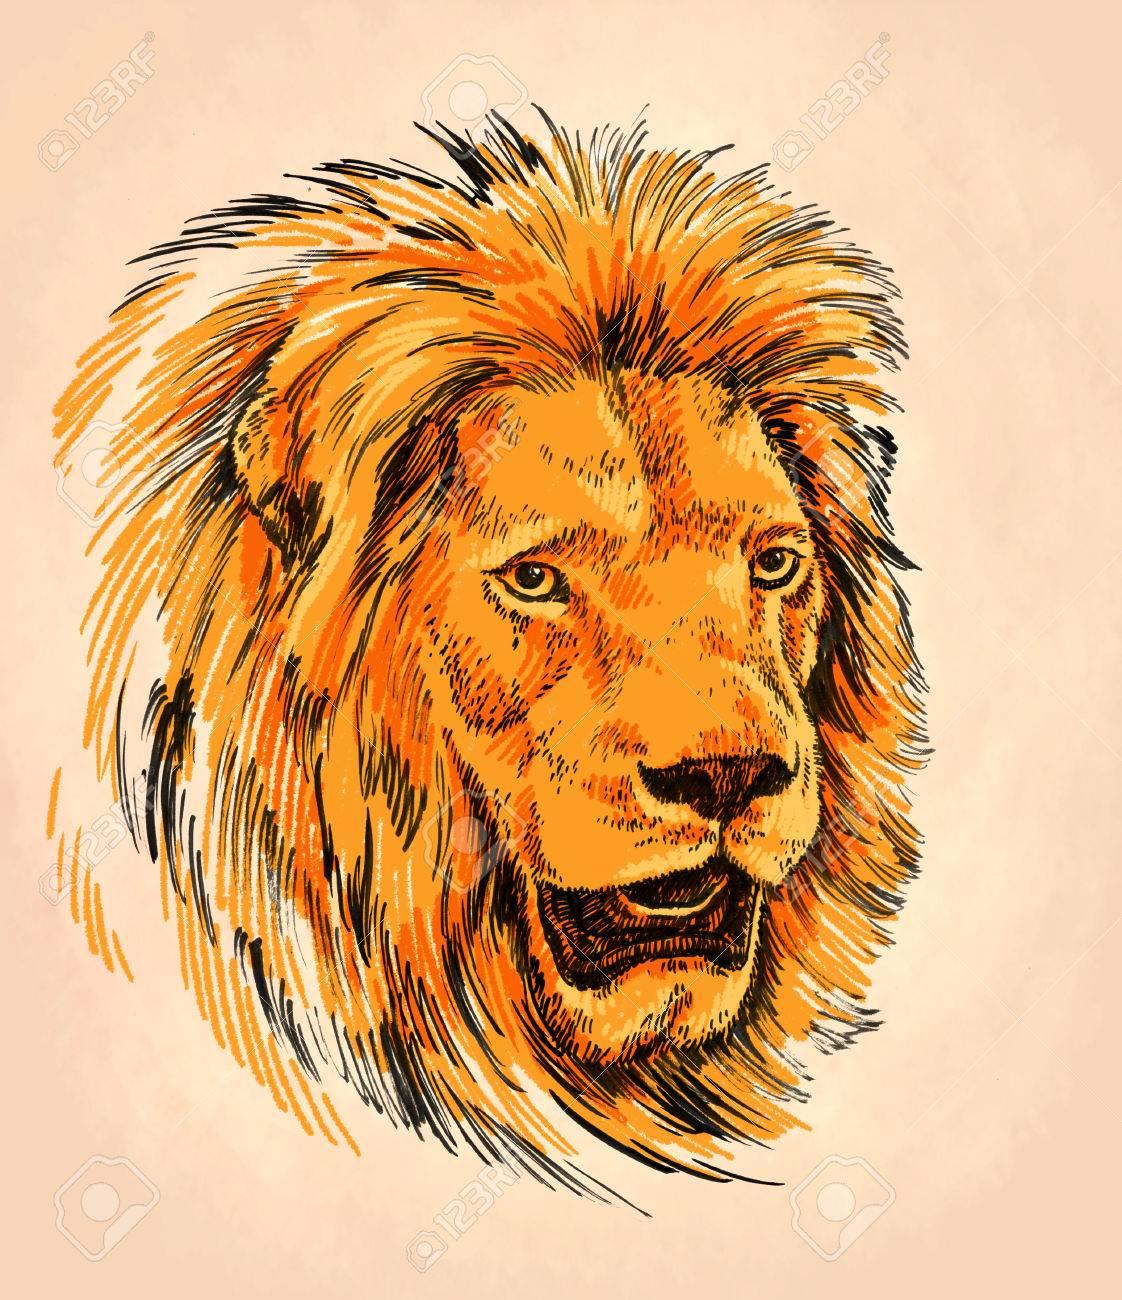 Couleur Peinture Au Pinceau D Encre Dessin Isole Lion Illustration